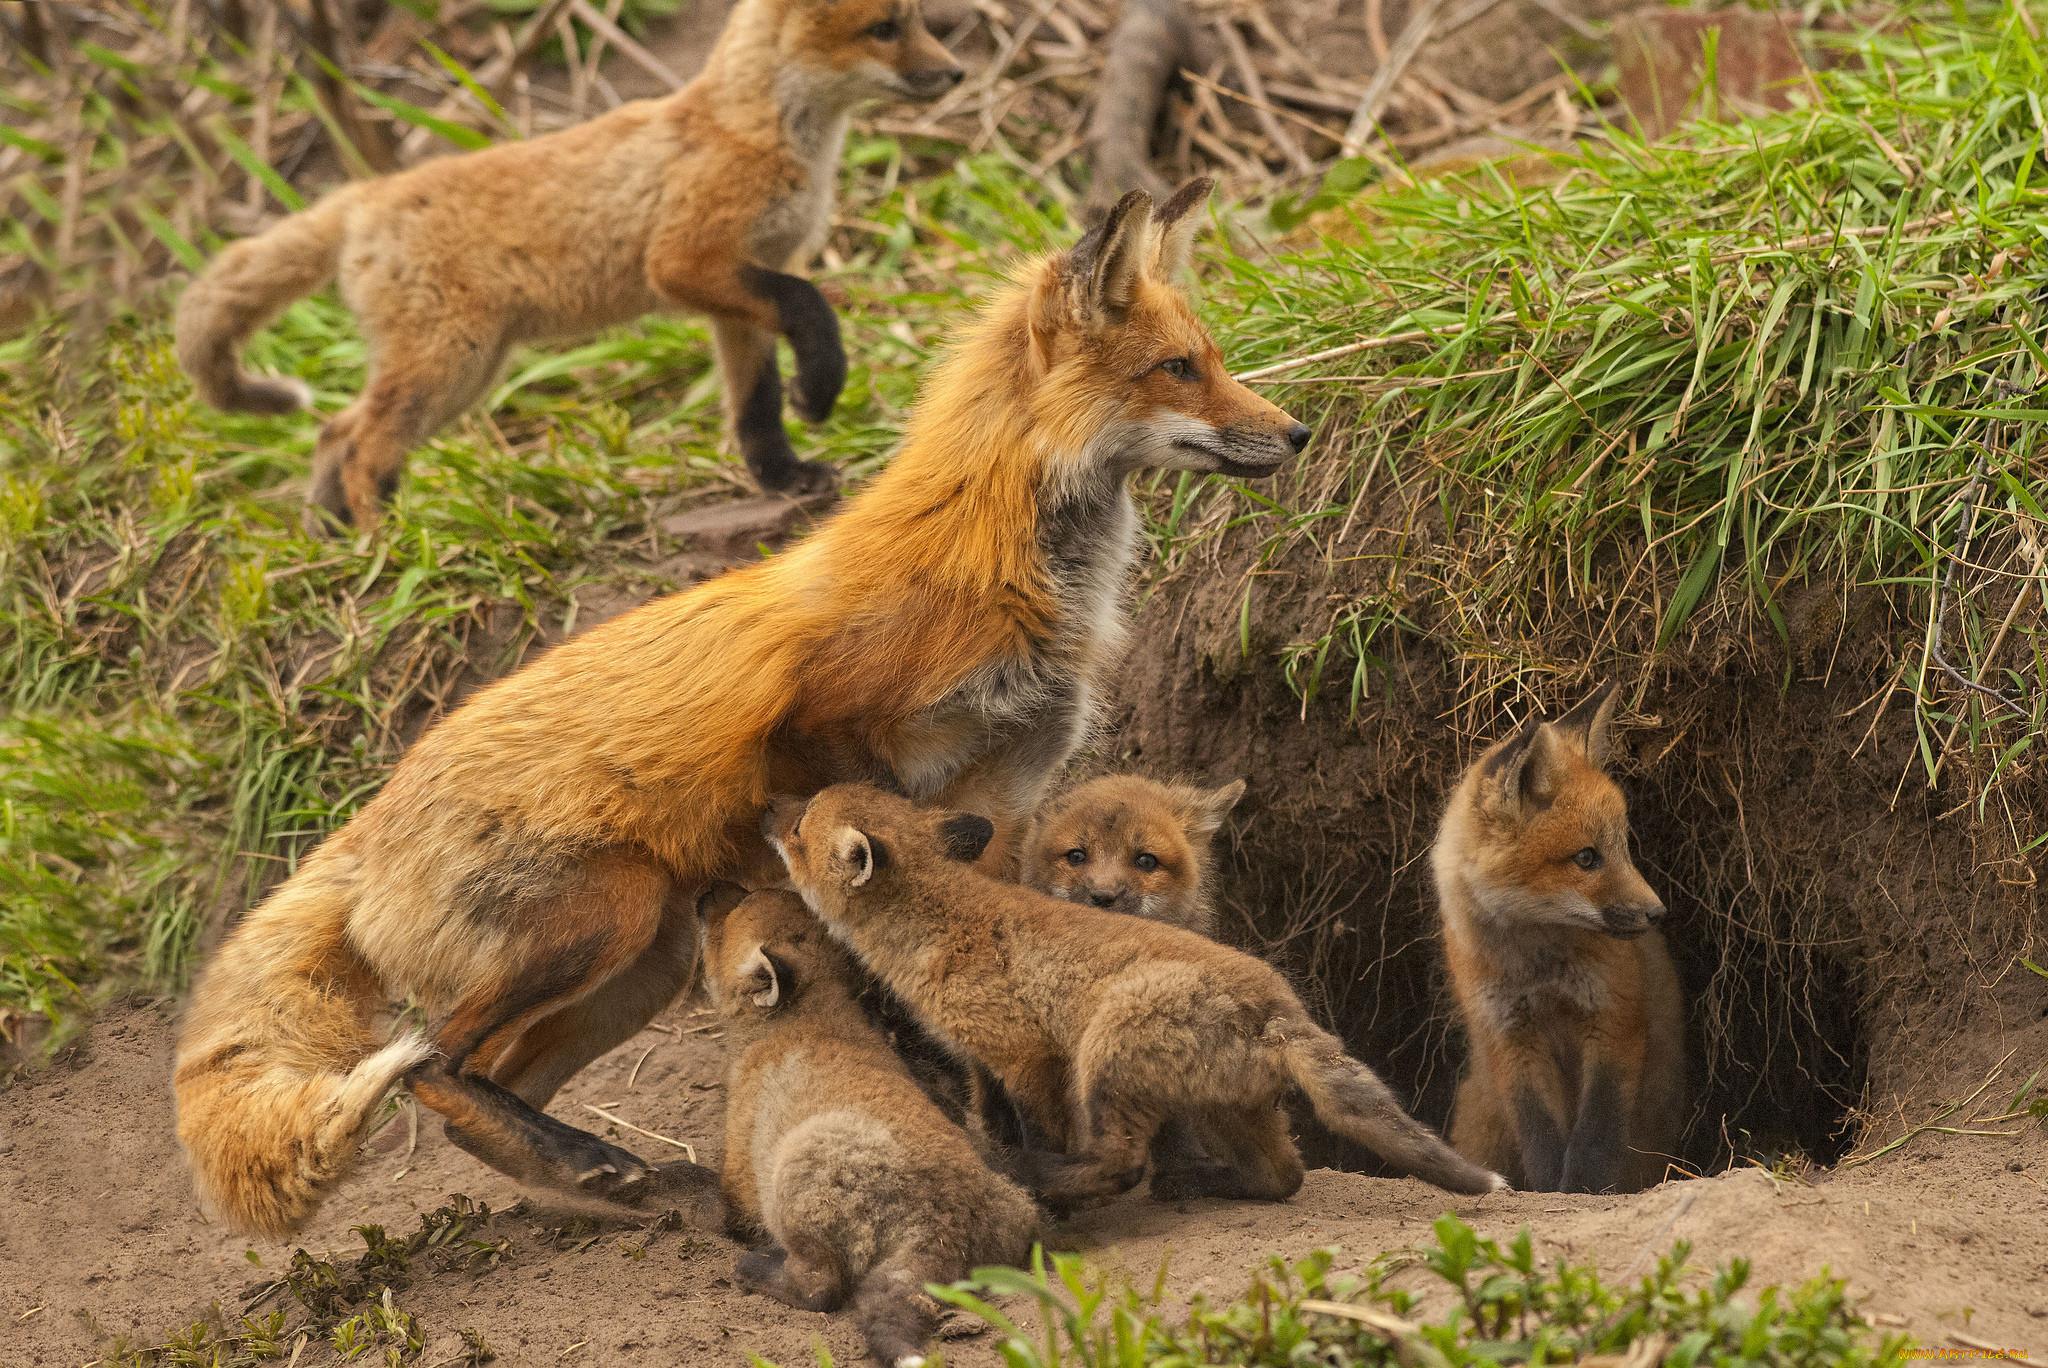 рисунок лисы с лисятами в норе это